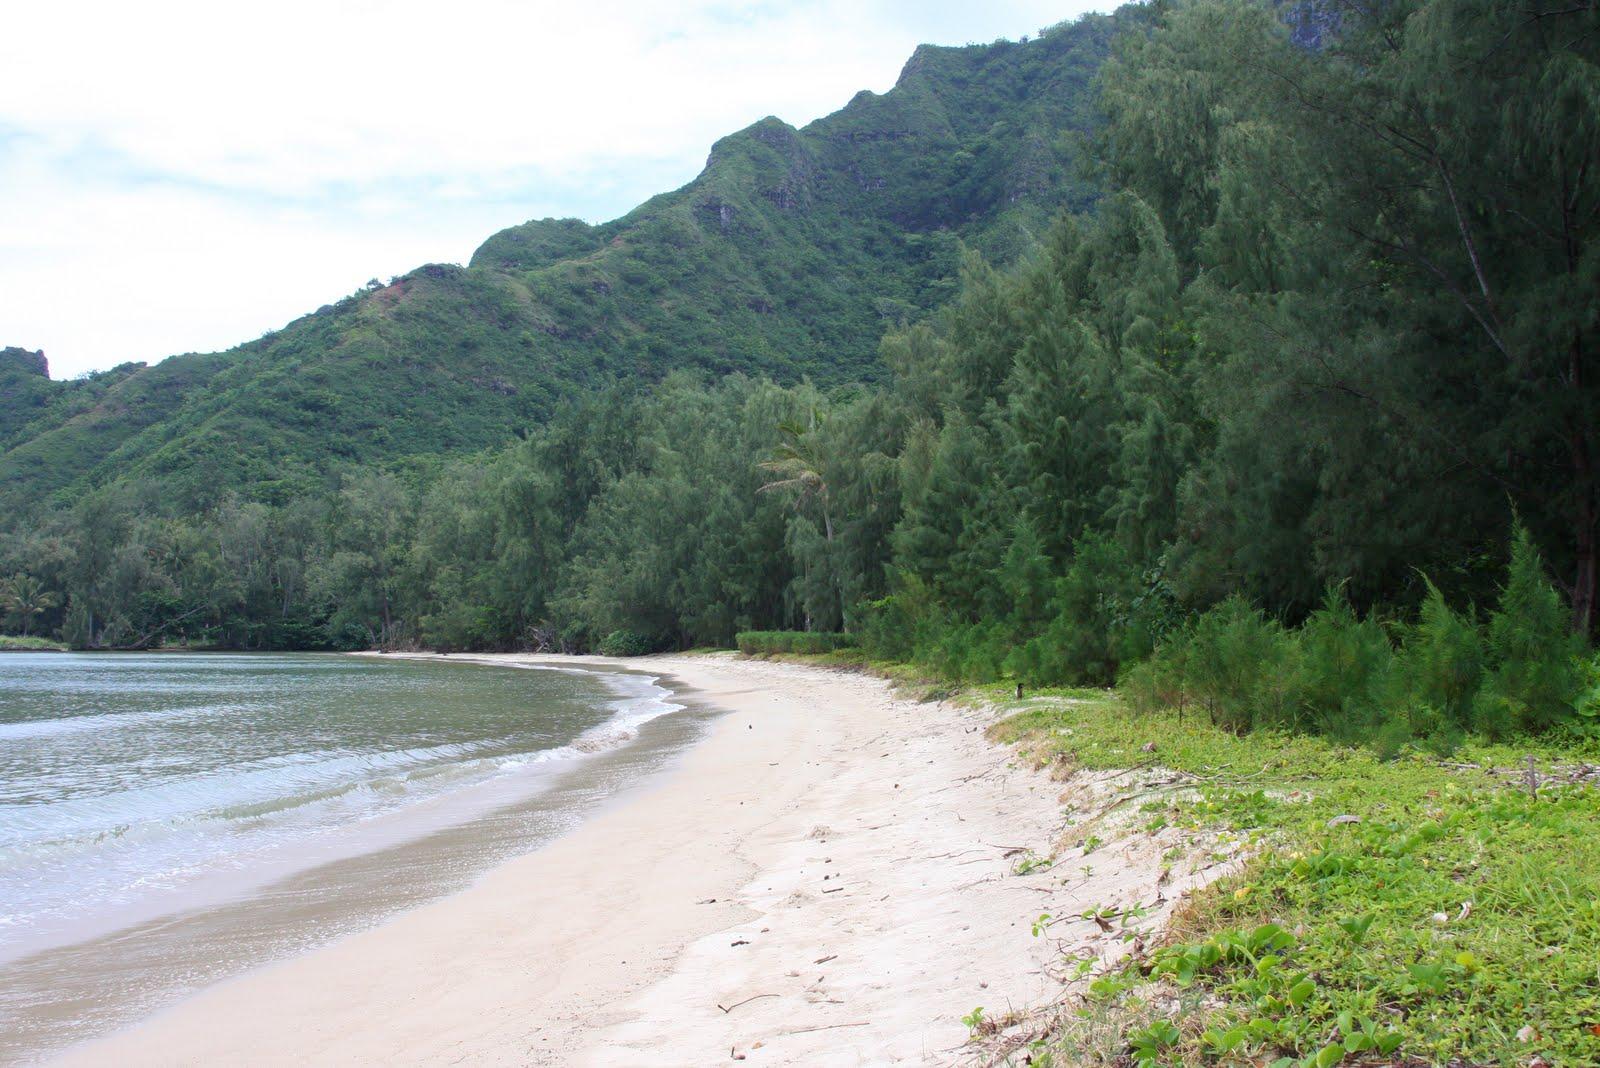 SUP Virginia: SUP Vacation Hawaii: Kahana River